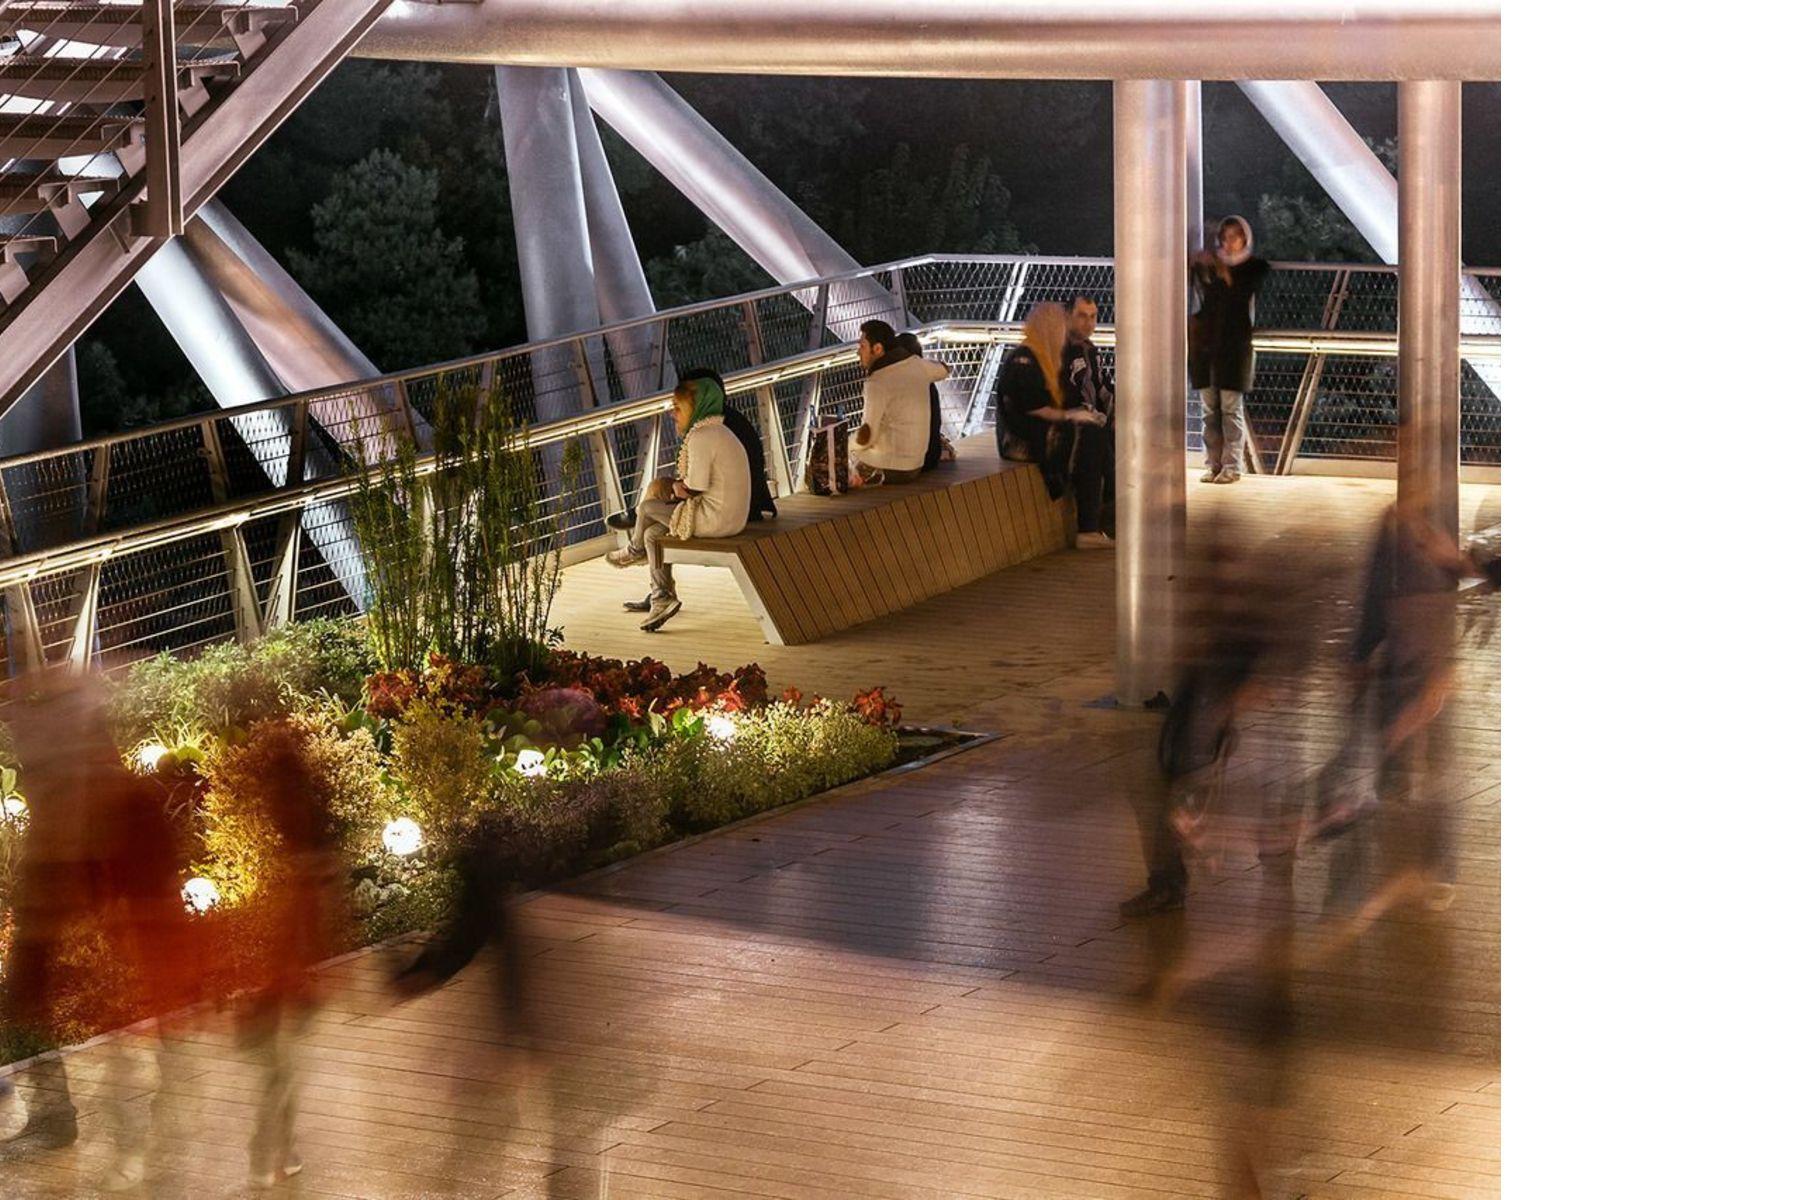 Tabiat pedestrian bridge diba tensile architecture - Fiu interior design prerequisites ...